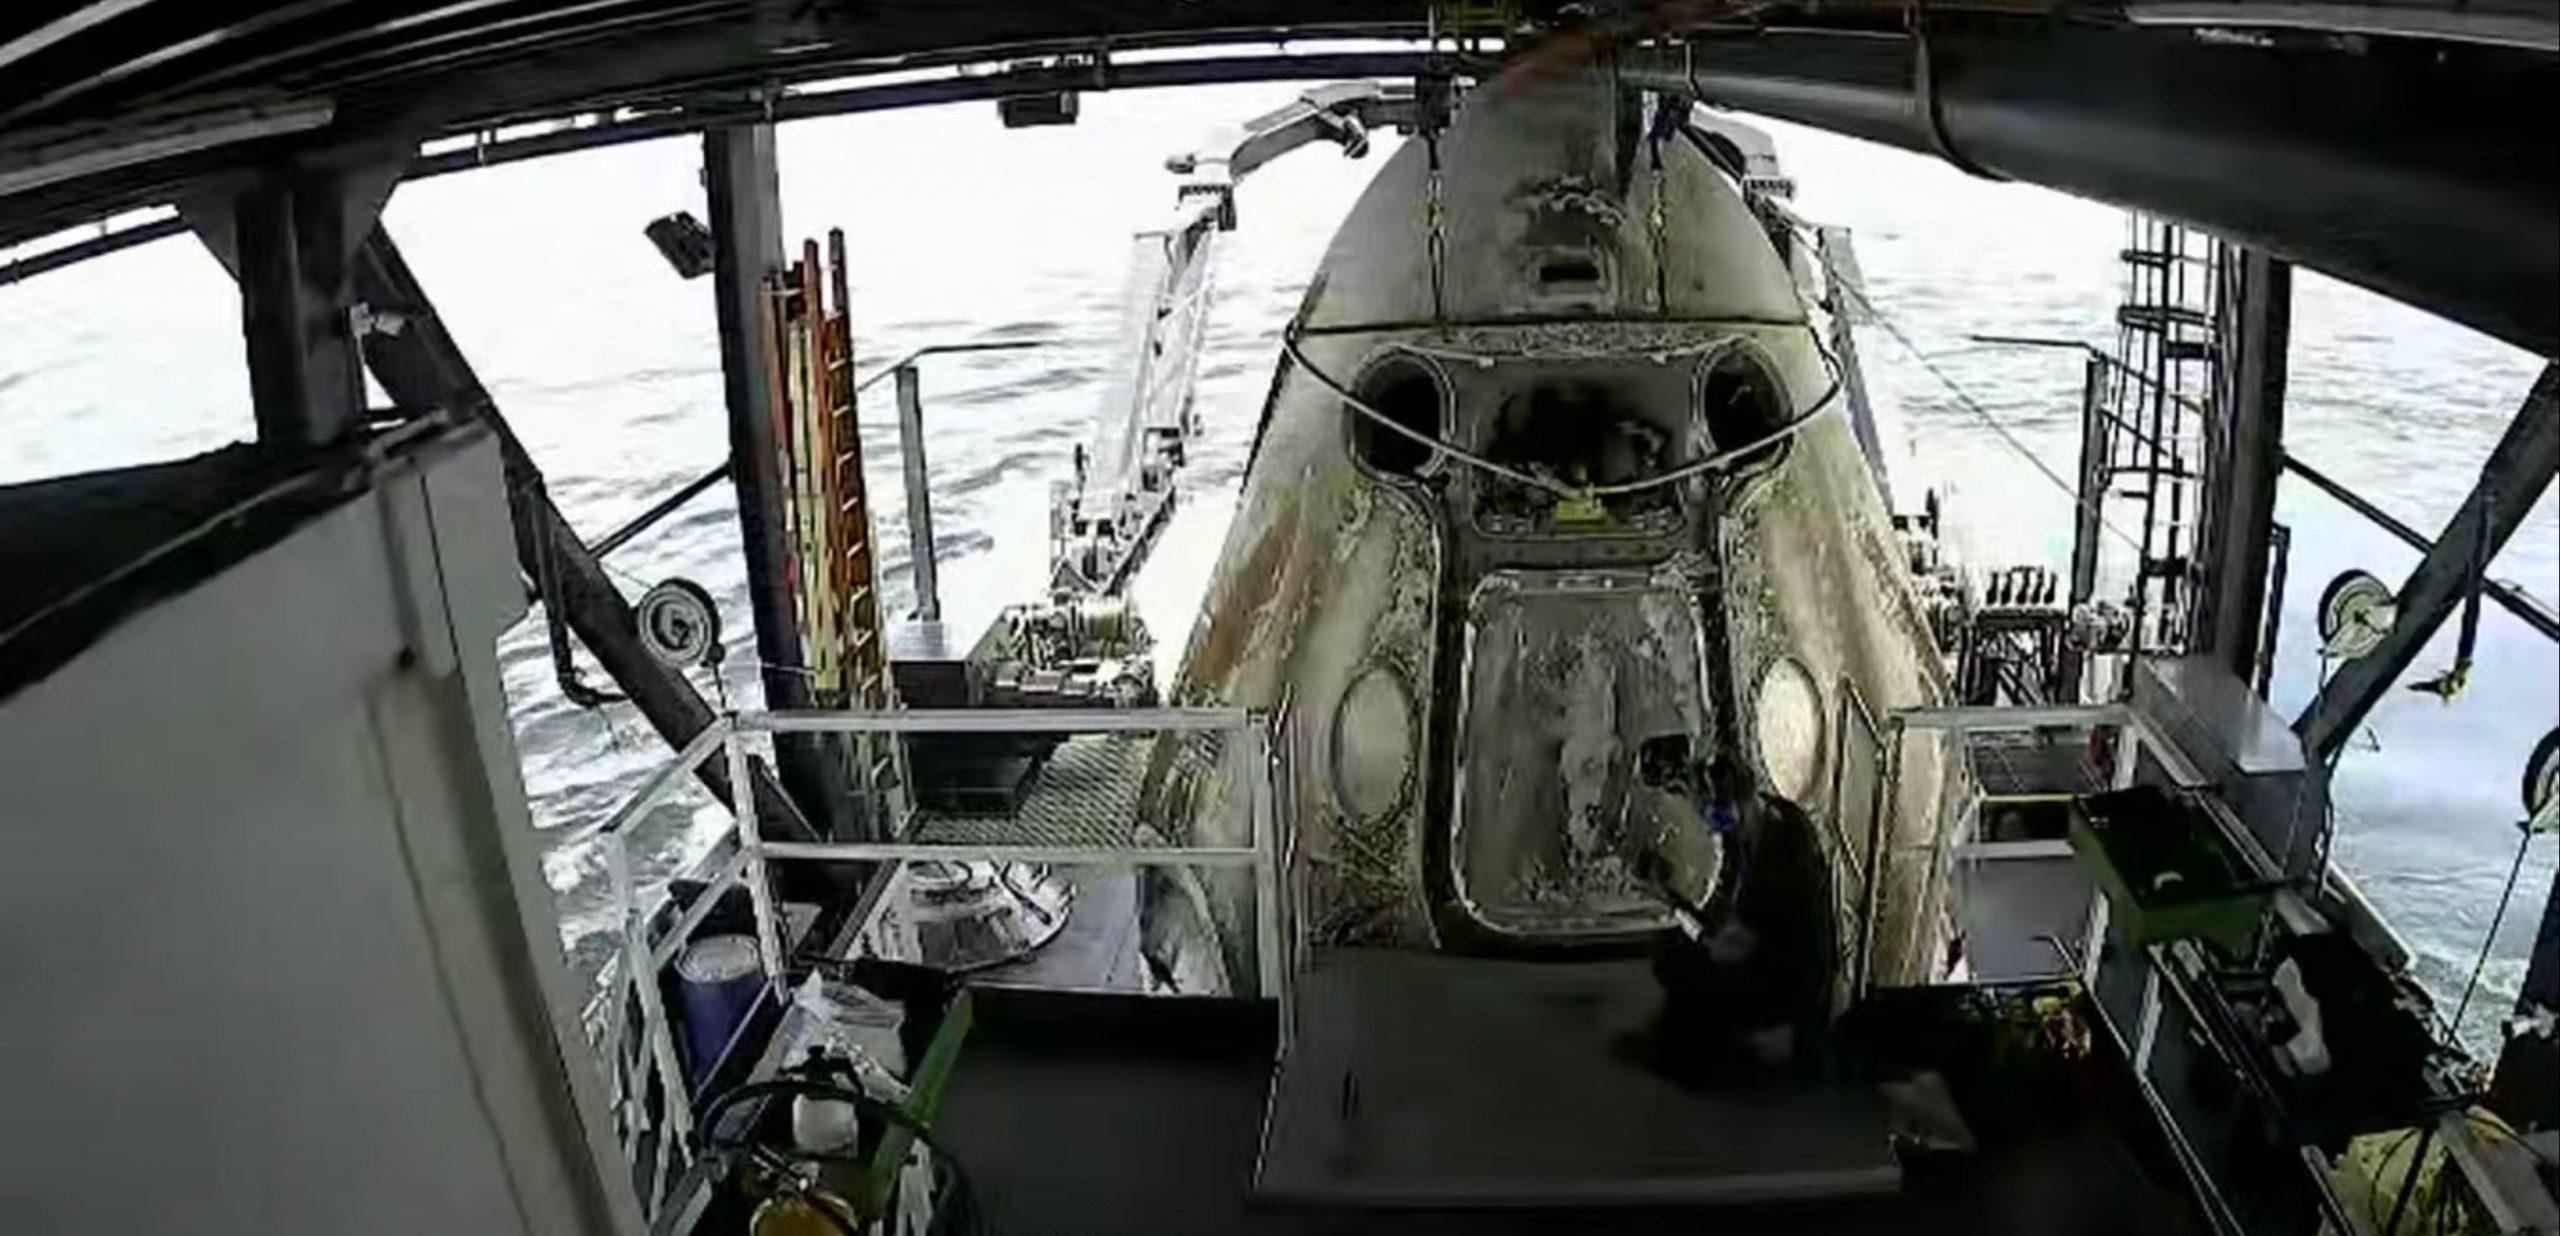 Demo-2 Crew Dragon splashdown 080220 (SpaceX) 4